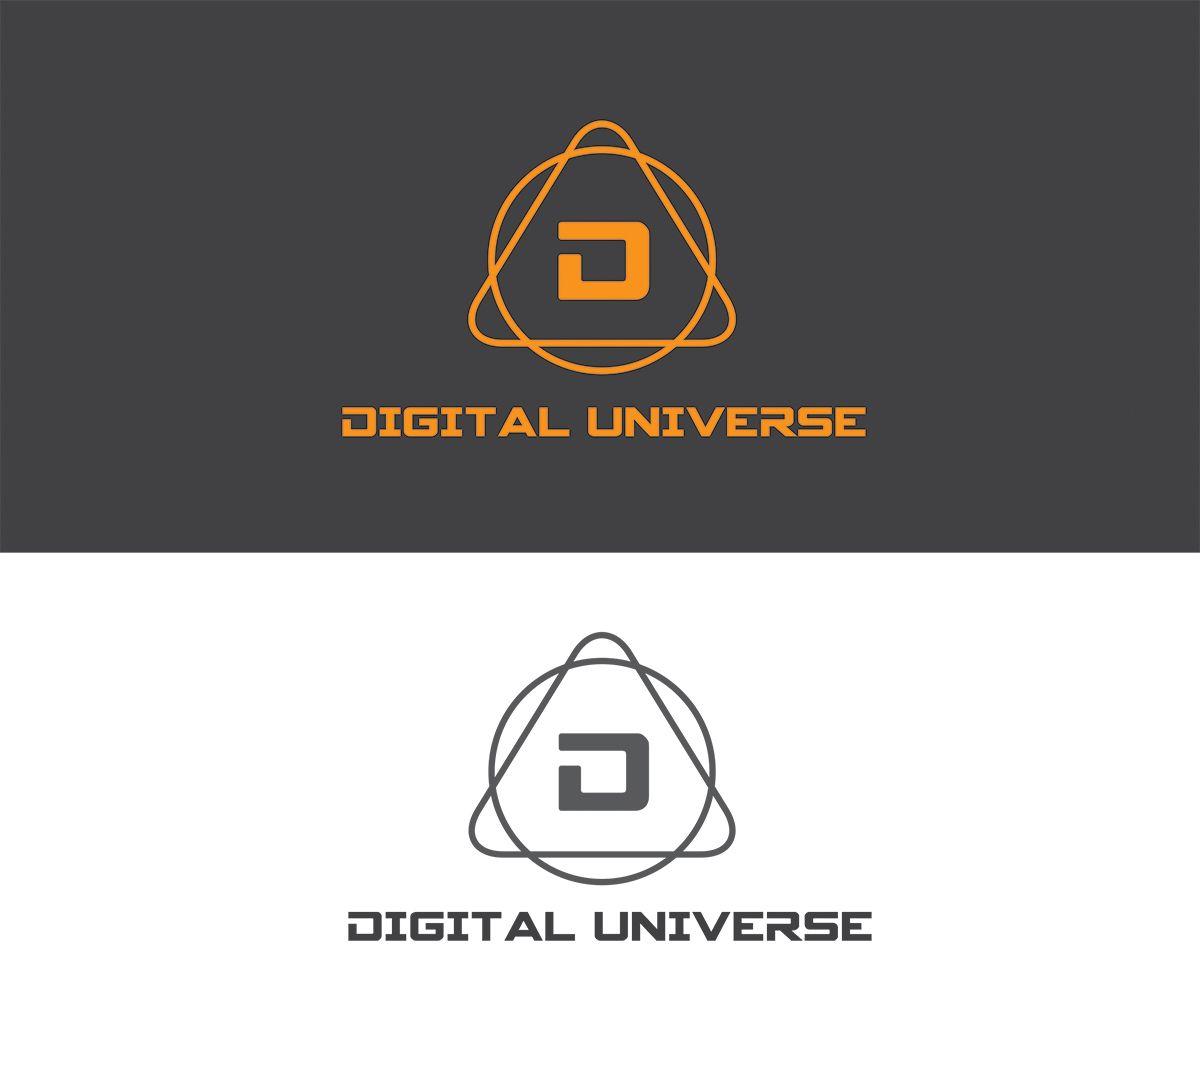 логотип для компании-разработчика ММО-игр - дизайнер DynamicMotion